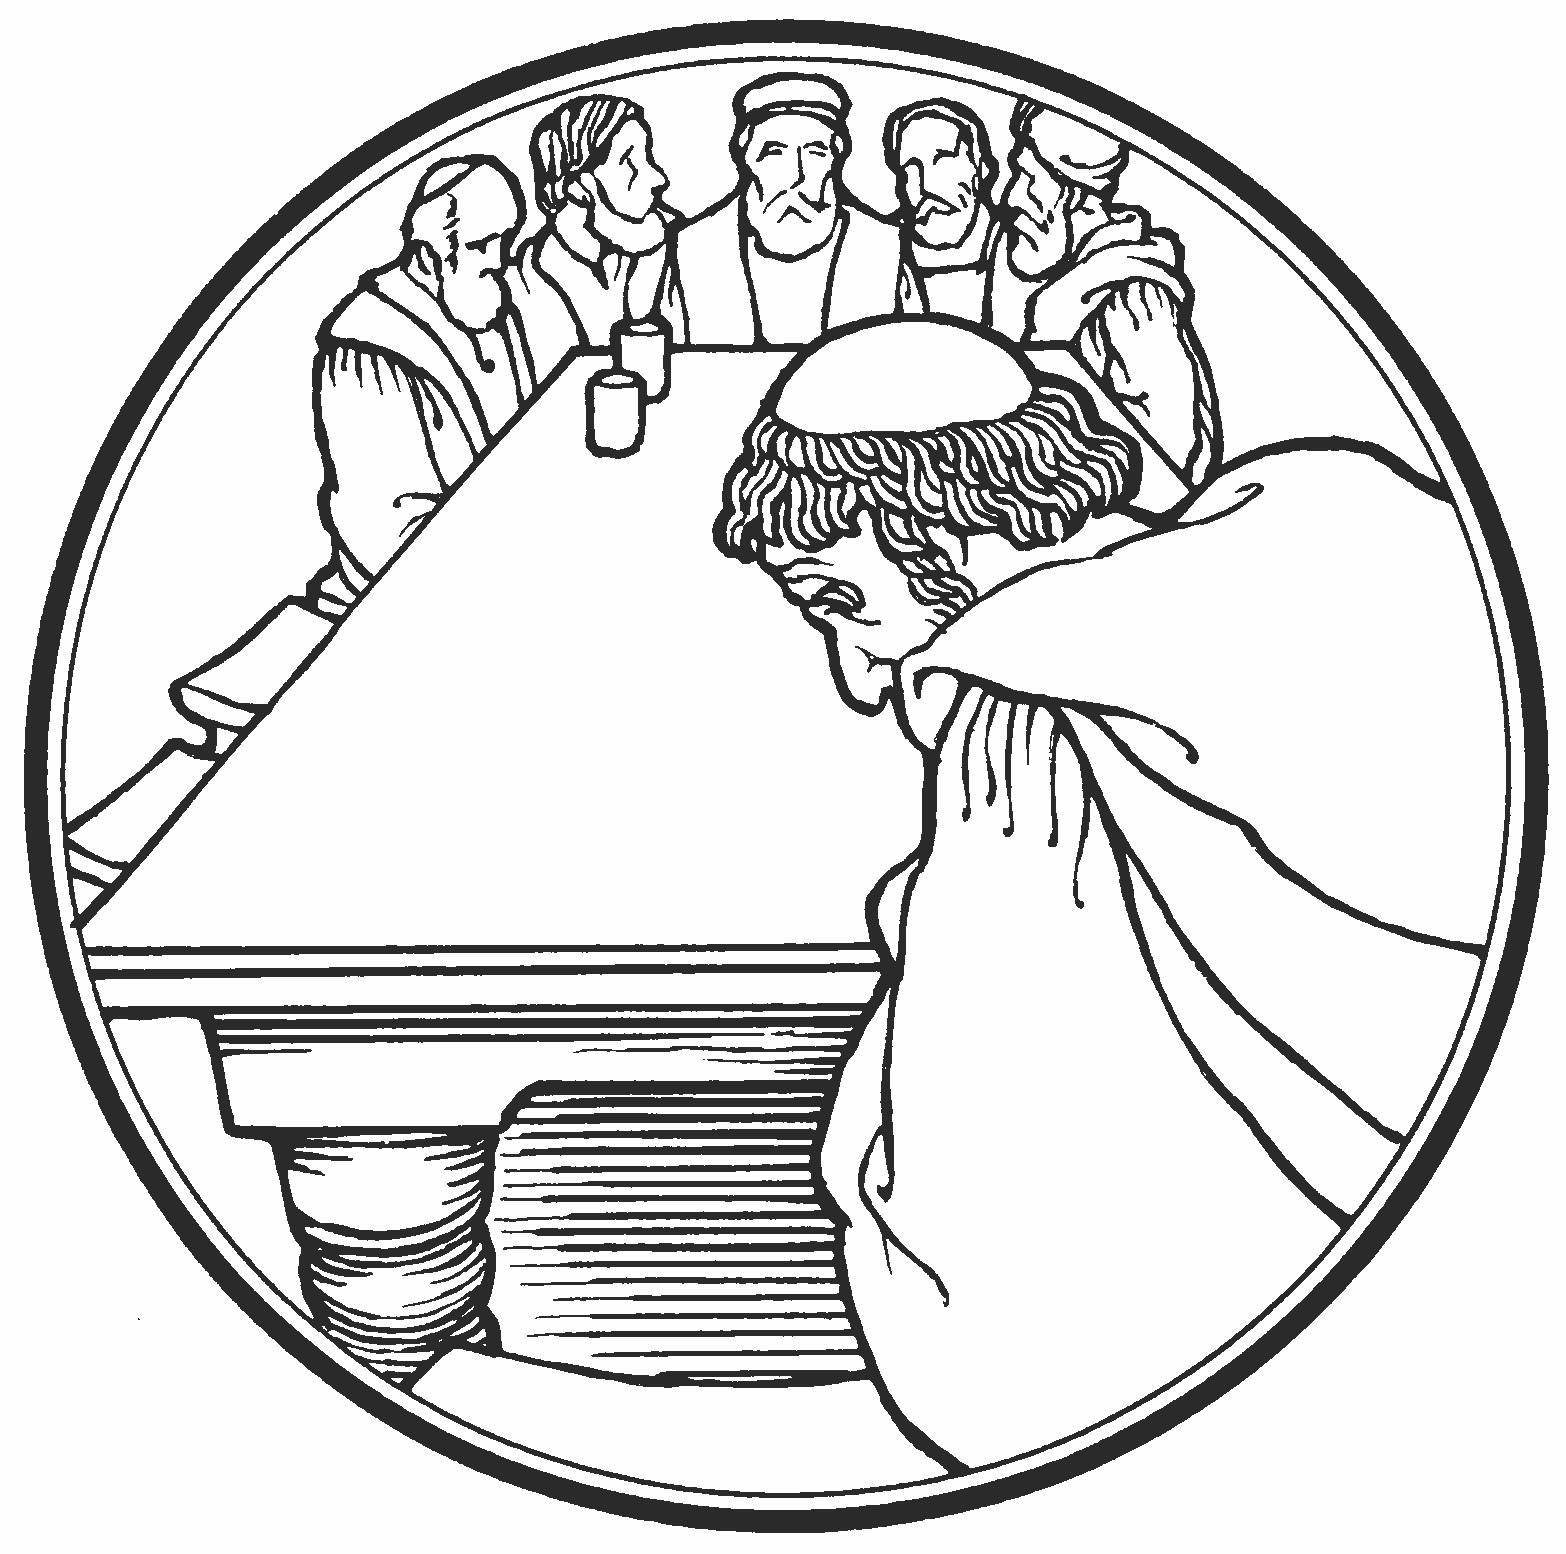 Sermons of Rev. John Drosendahl: September 2013